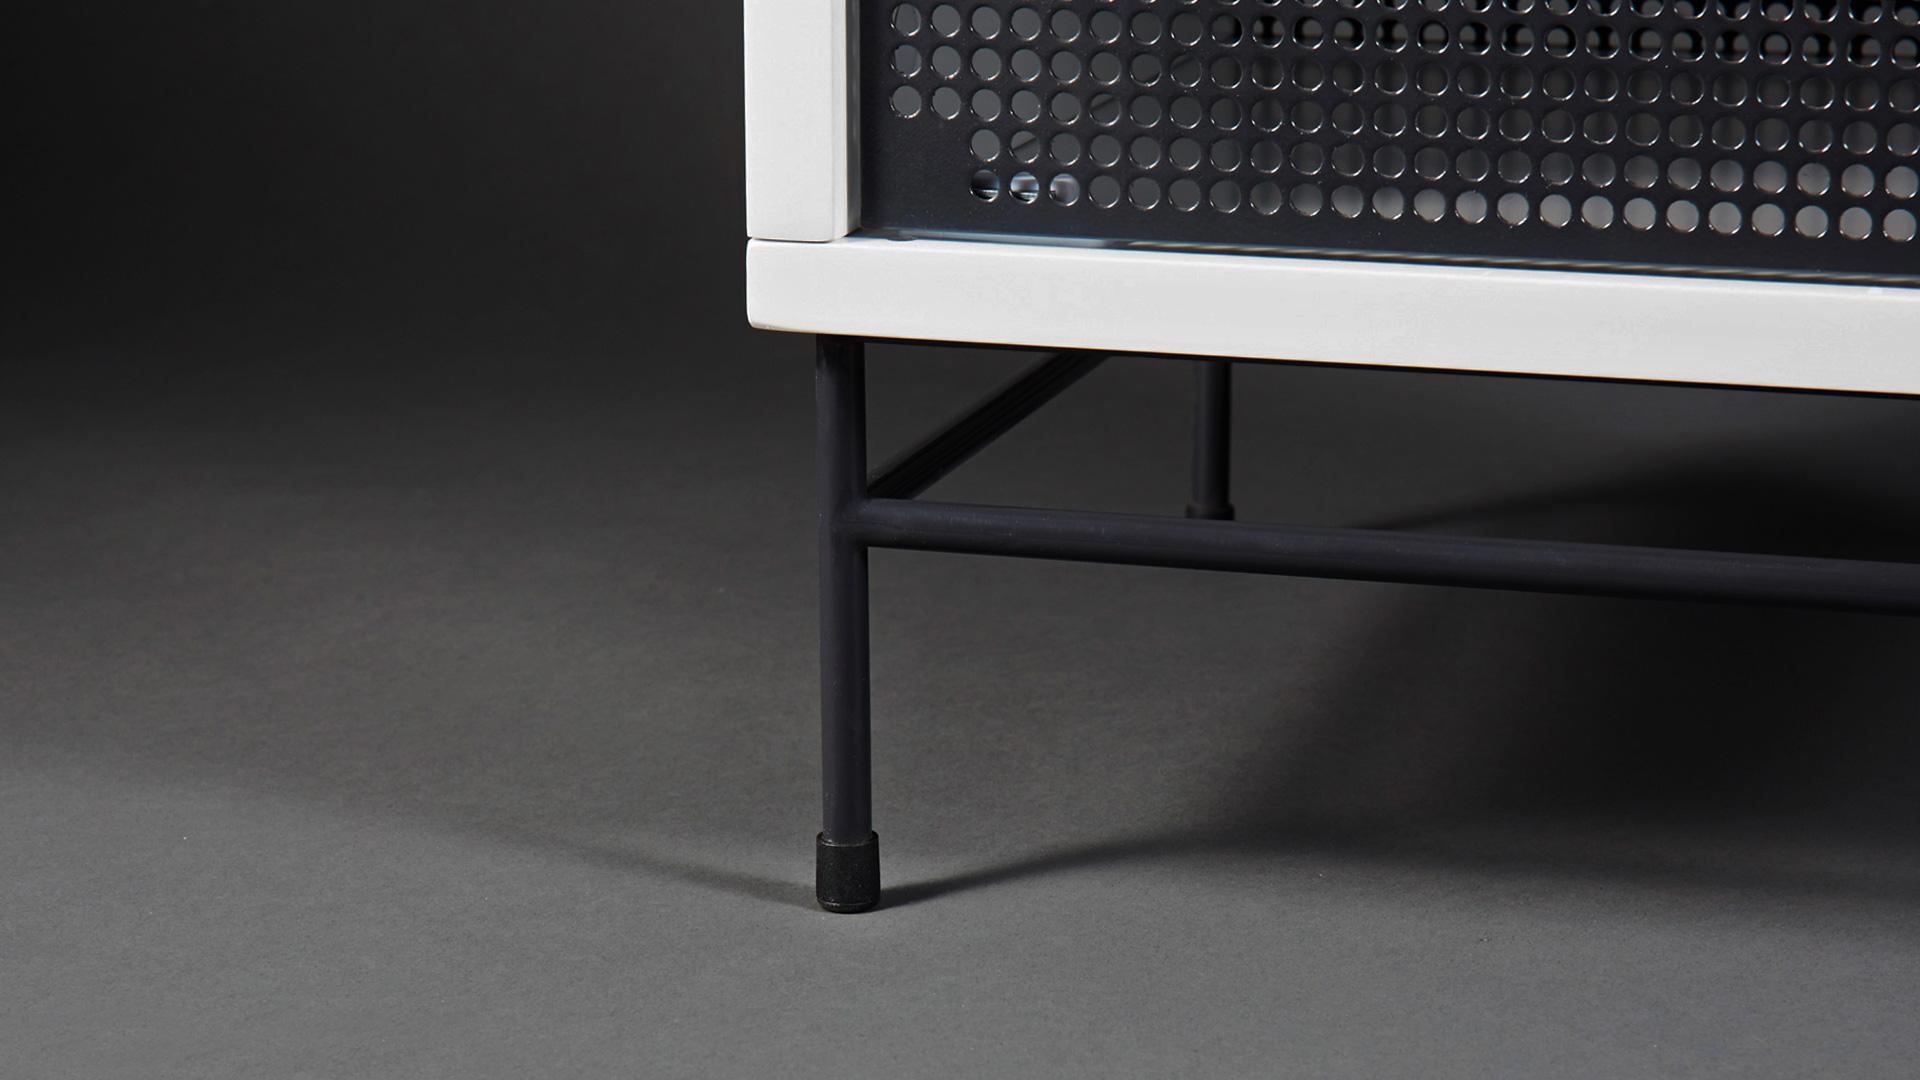 产品升级亮点二: 腿架底层加装软木护垫, 再也不怕为地板留下伤痕